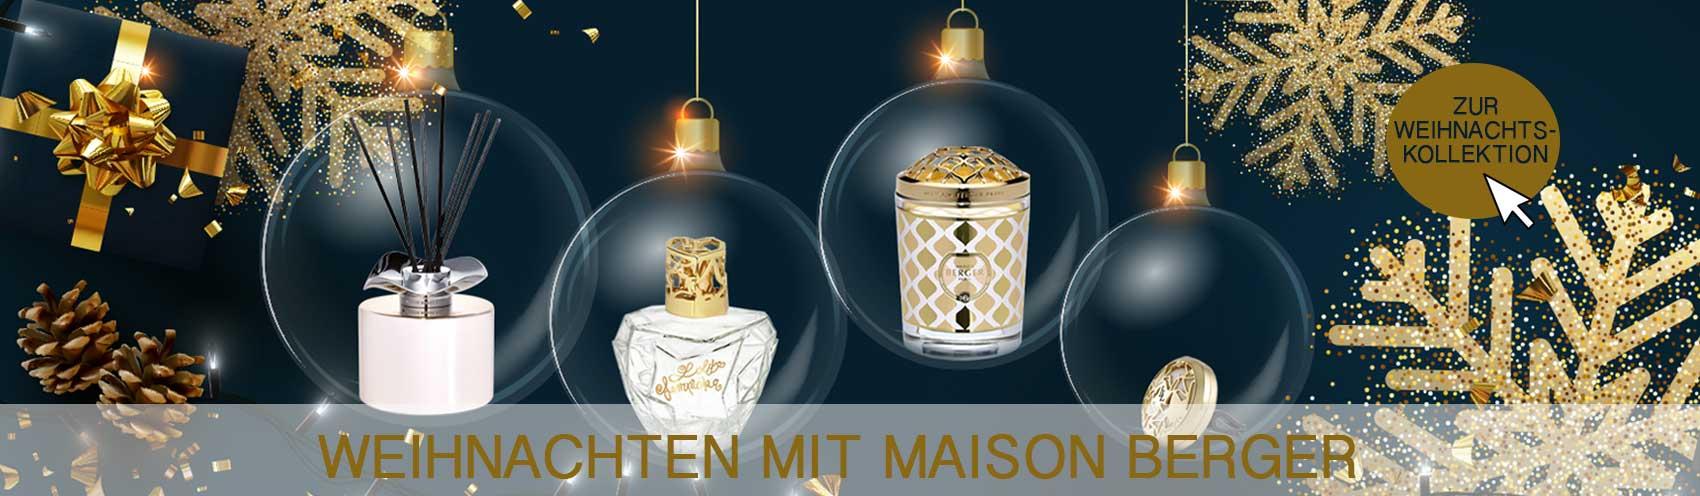 Lampe Berger   Maison Berger Weihnachten 2019